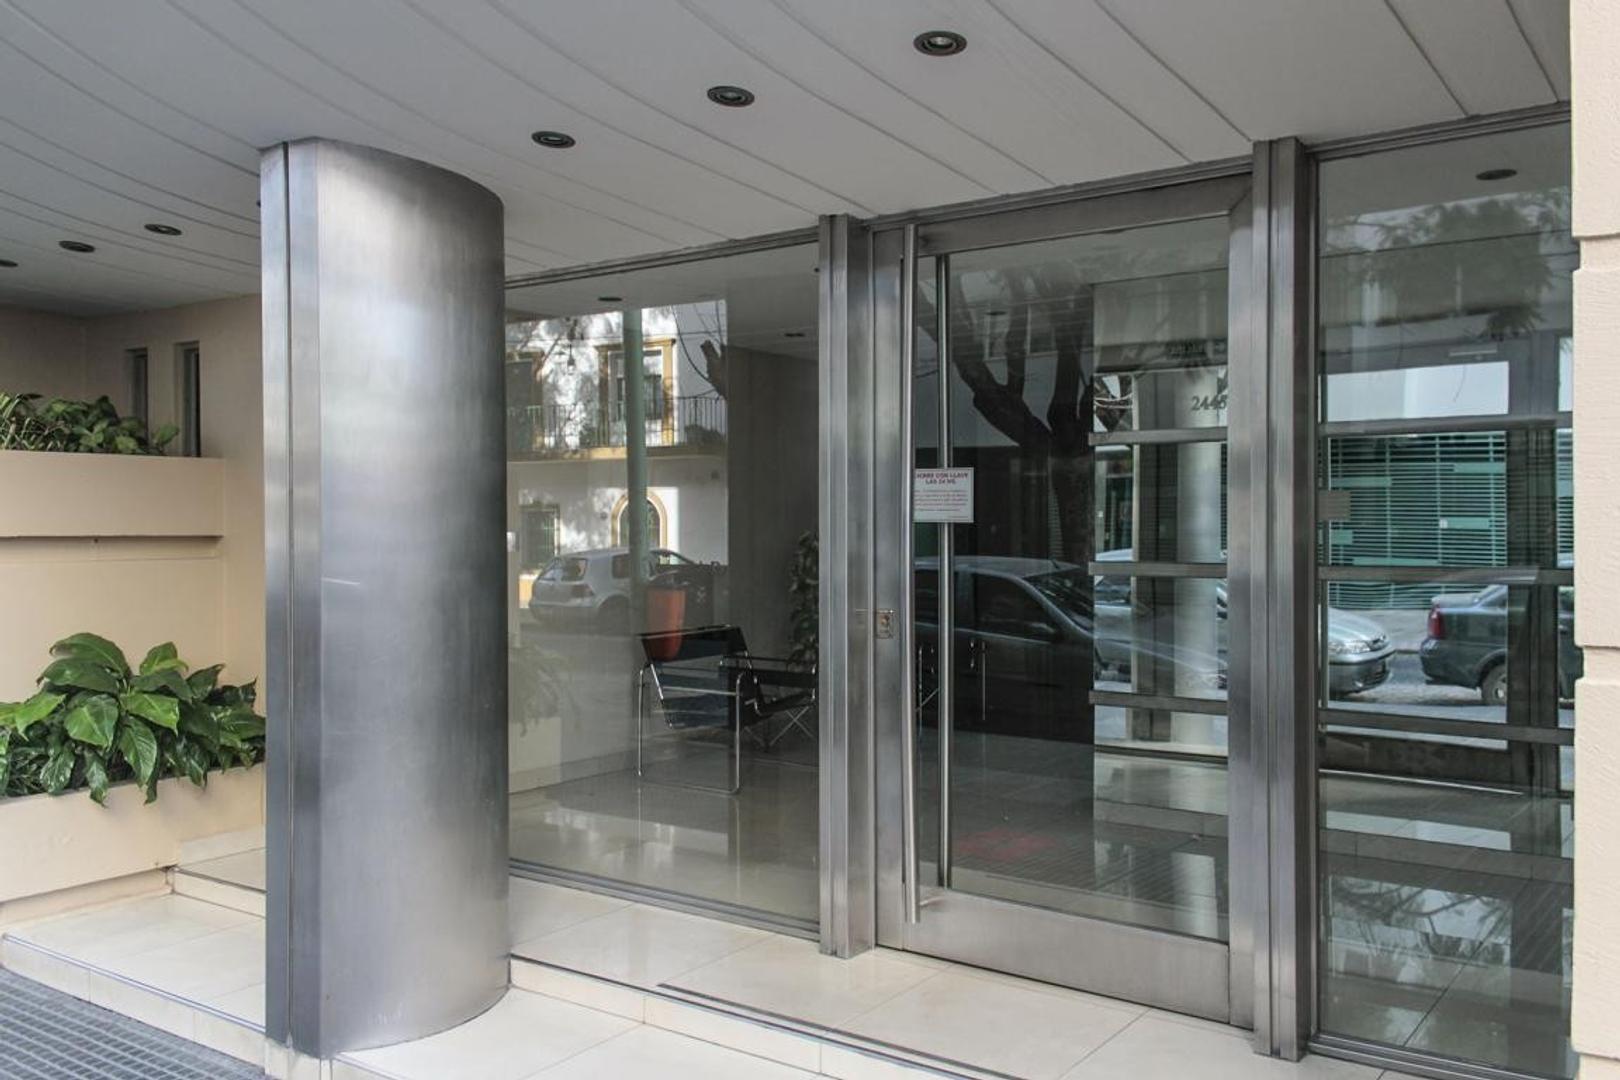 Depaetamento 2 ambientes con balcon